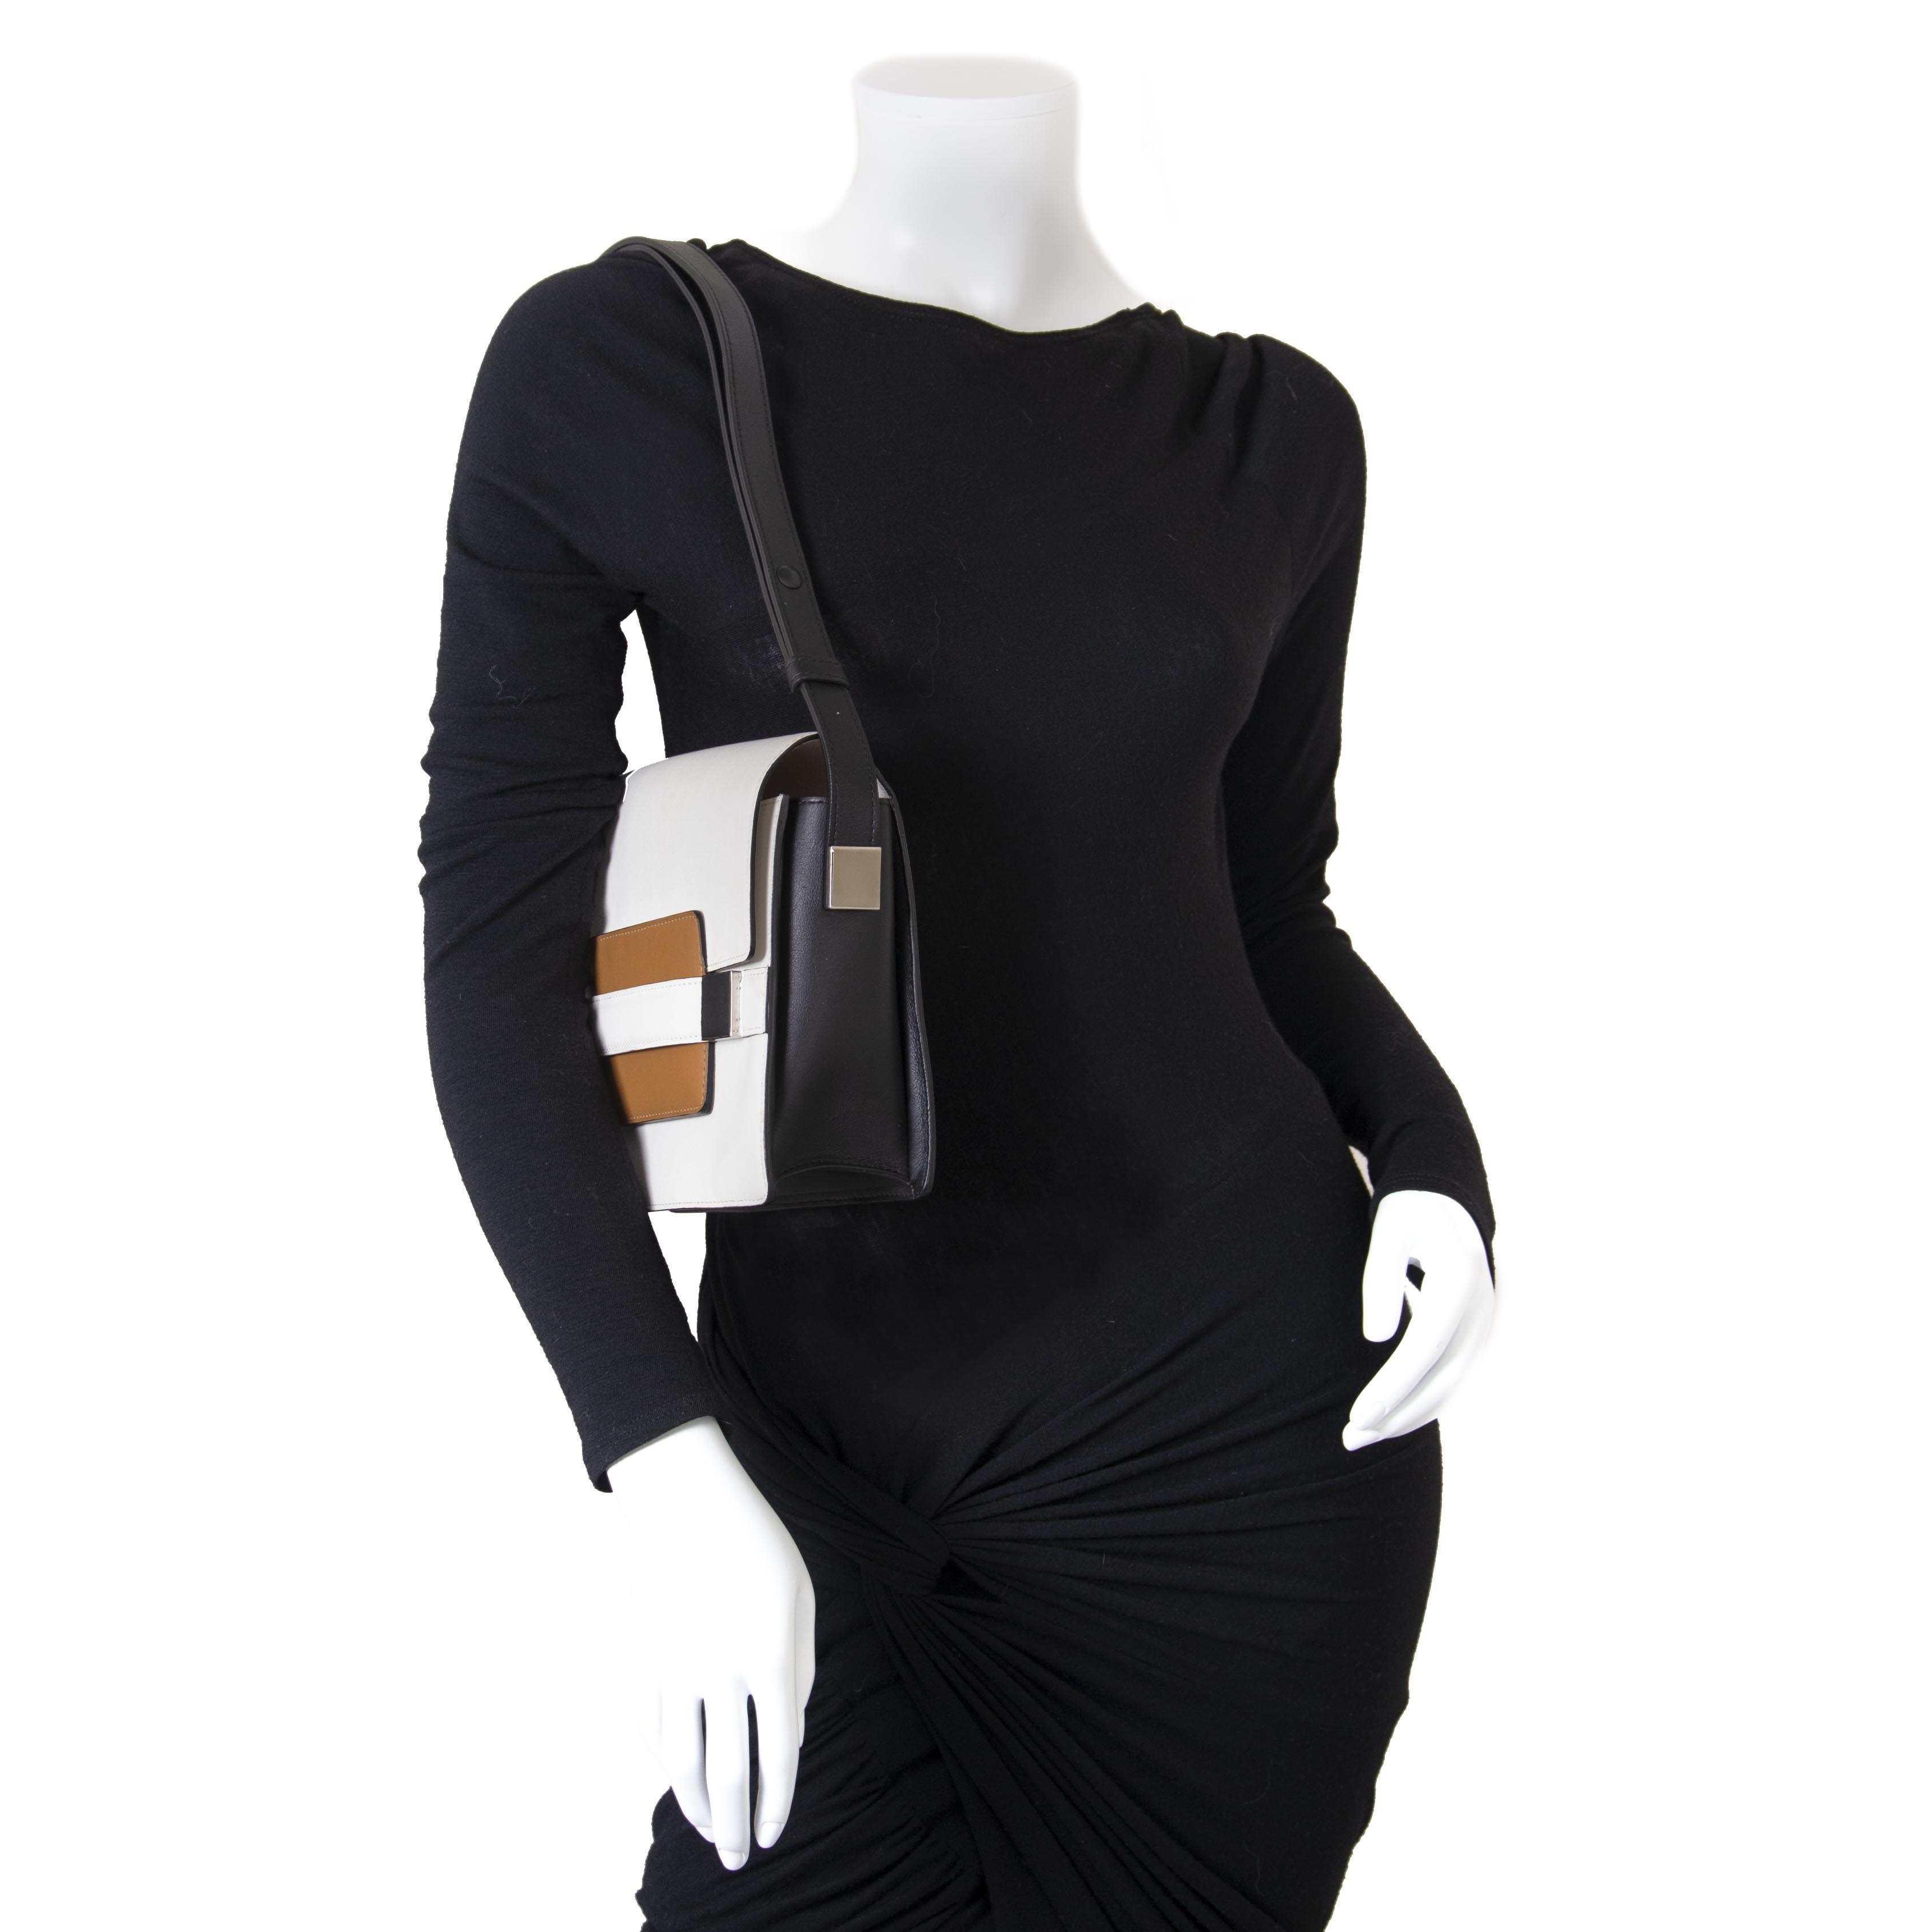 Koop en verkoop uw authentieke Delvaux Madame Tricolor Shoulder Bag